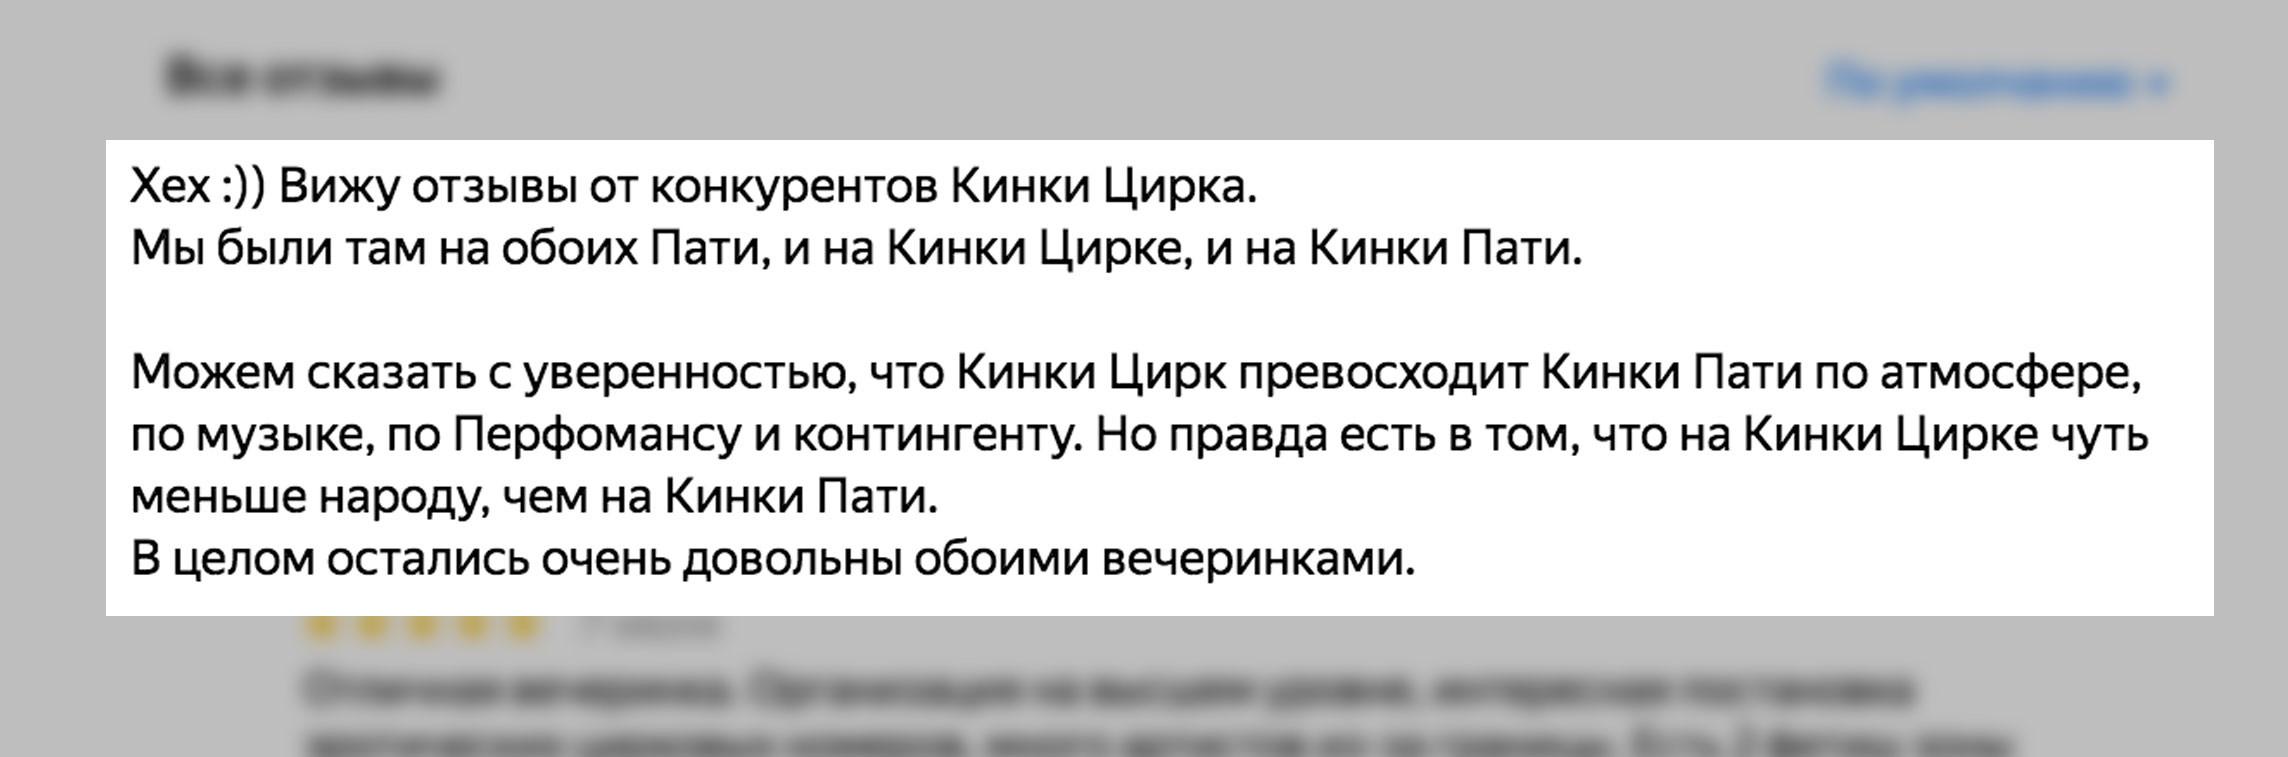 """© """"Яндекс.Карты"""""""